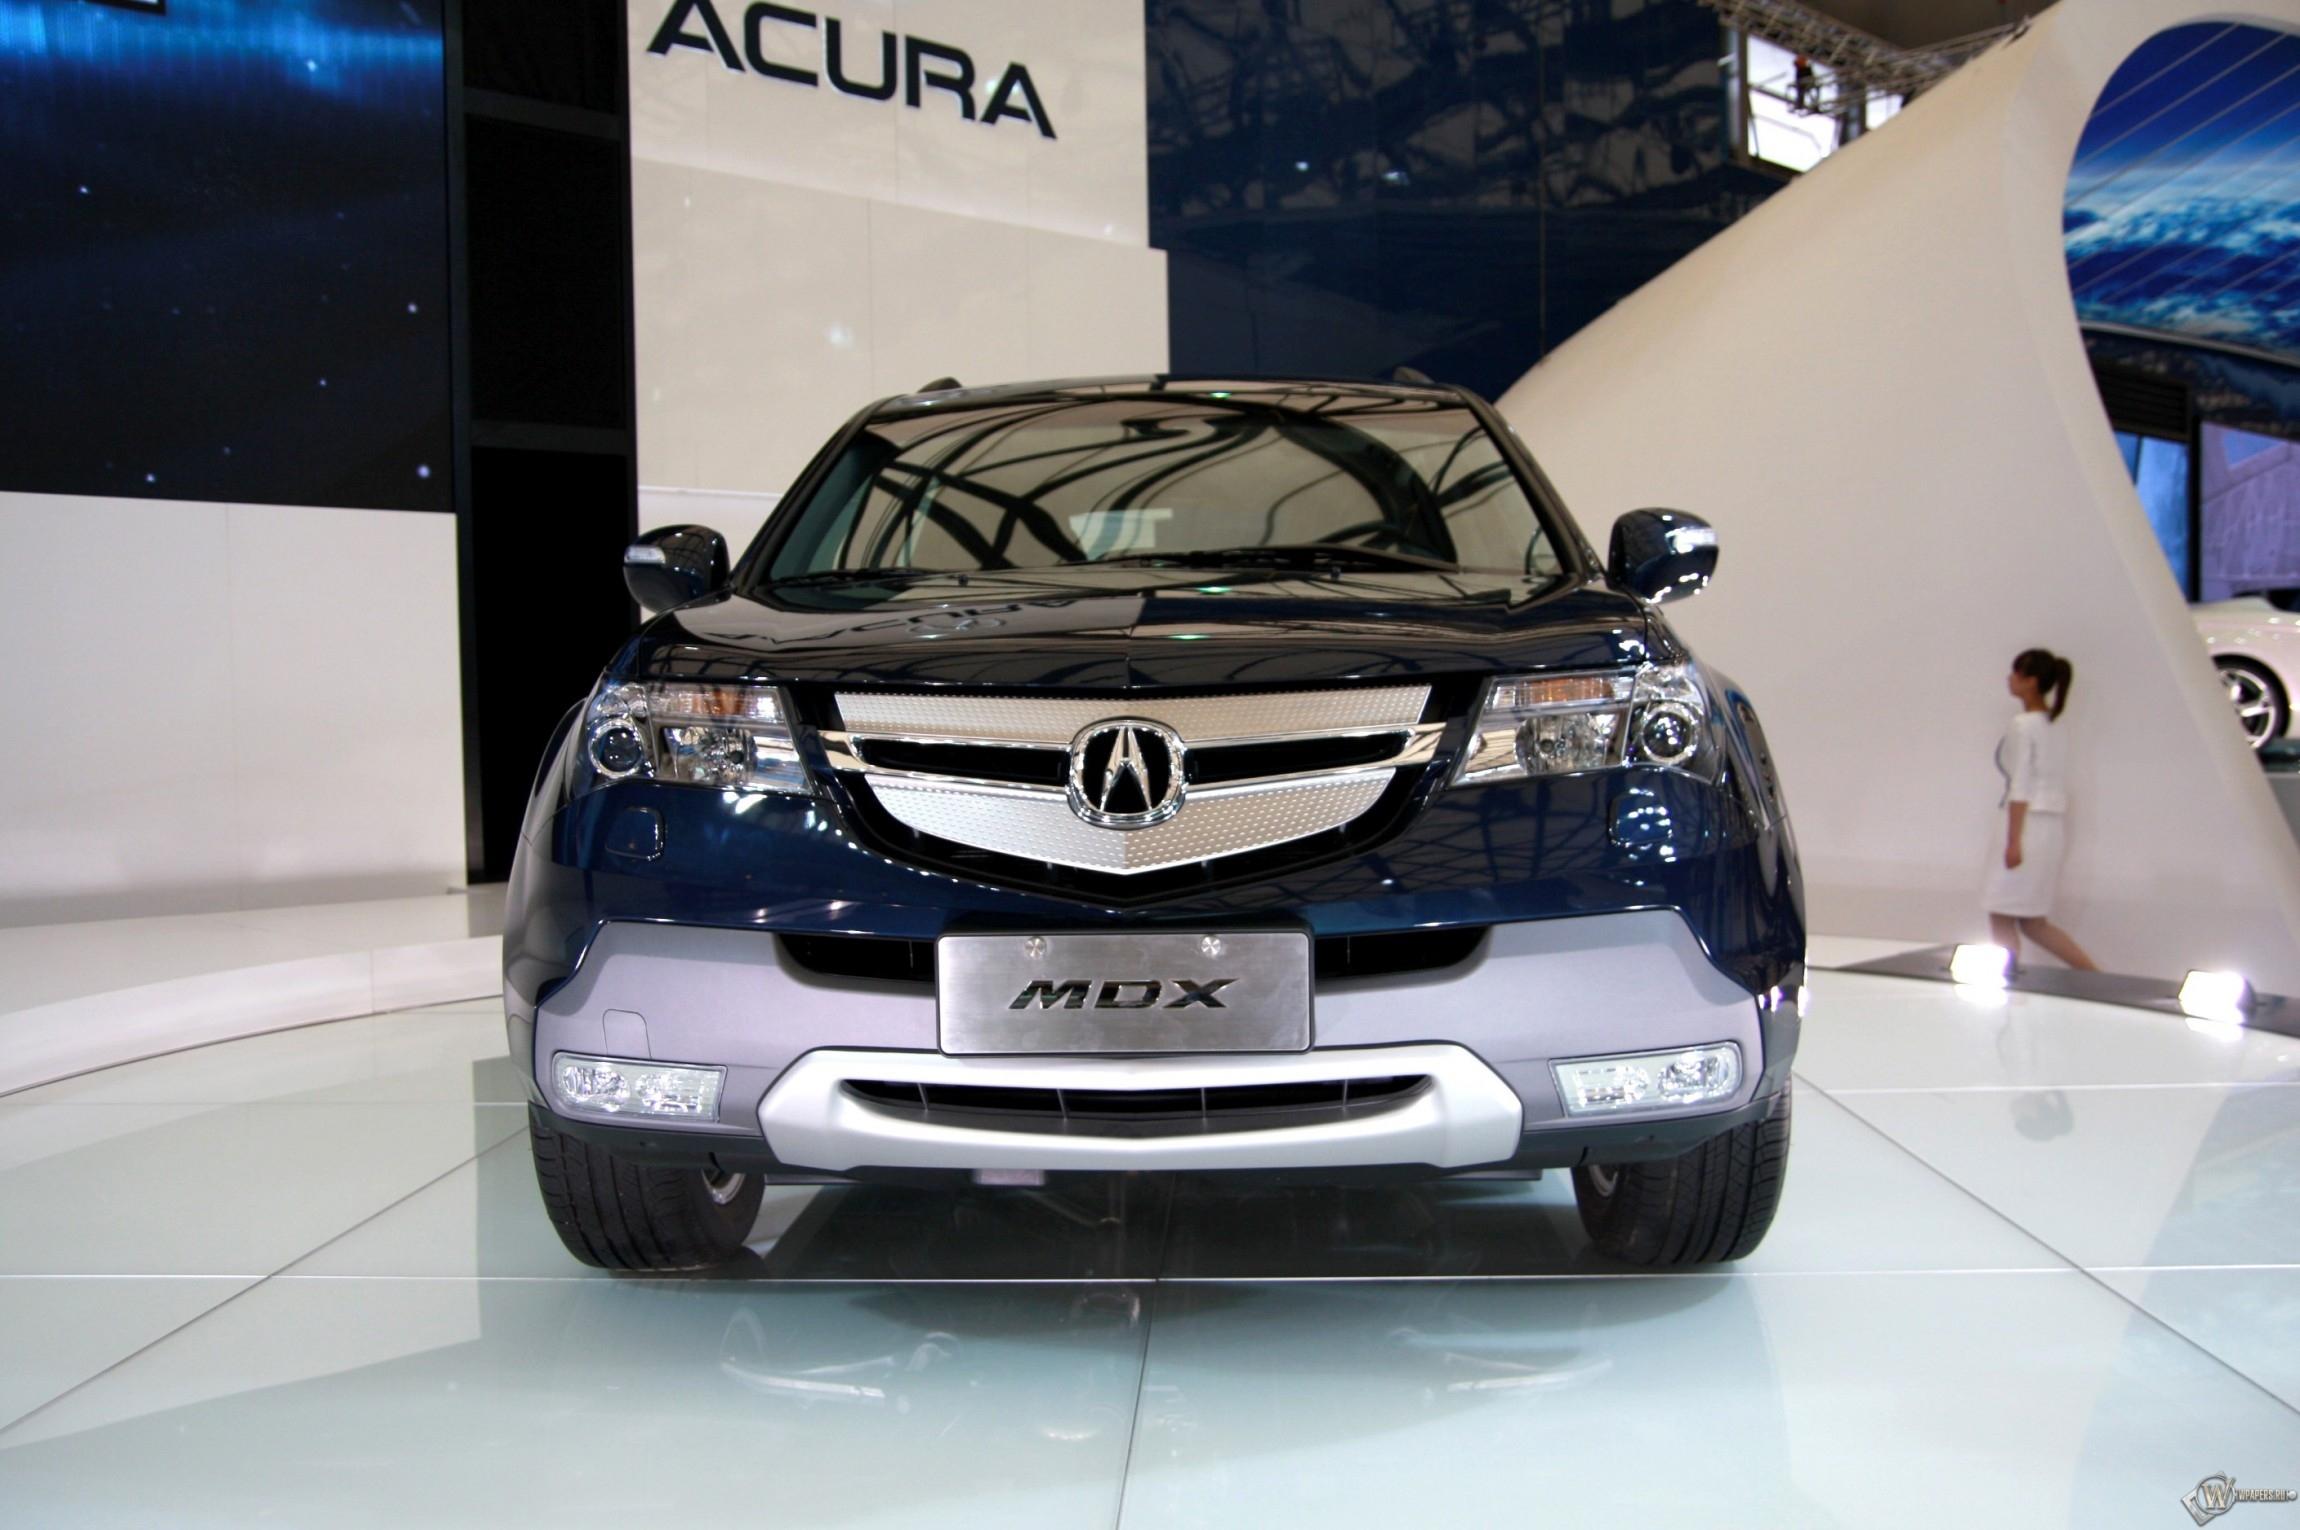 Acura MDX (2007) 2300x1530